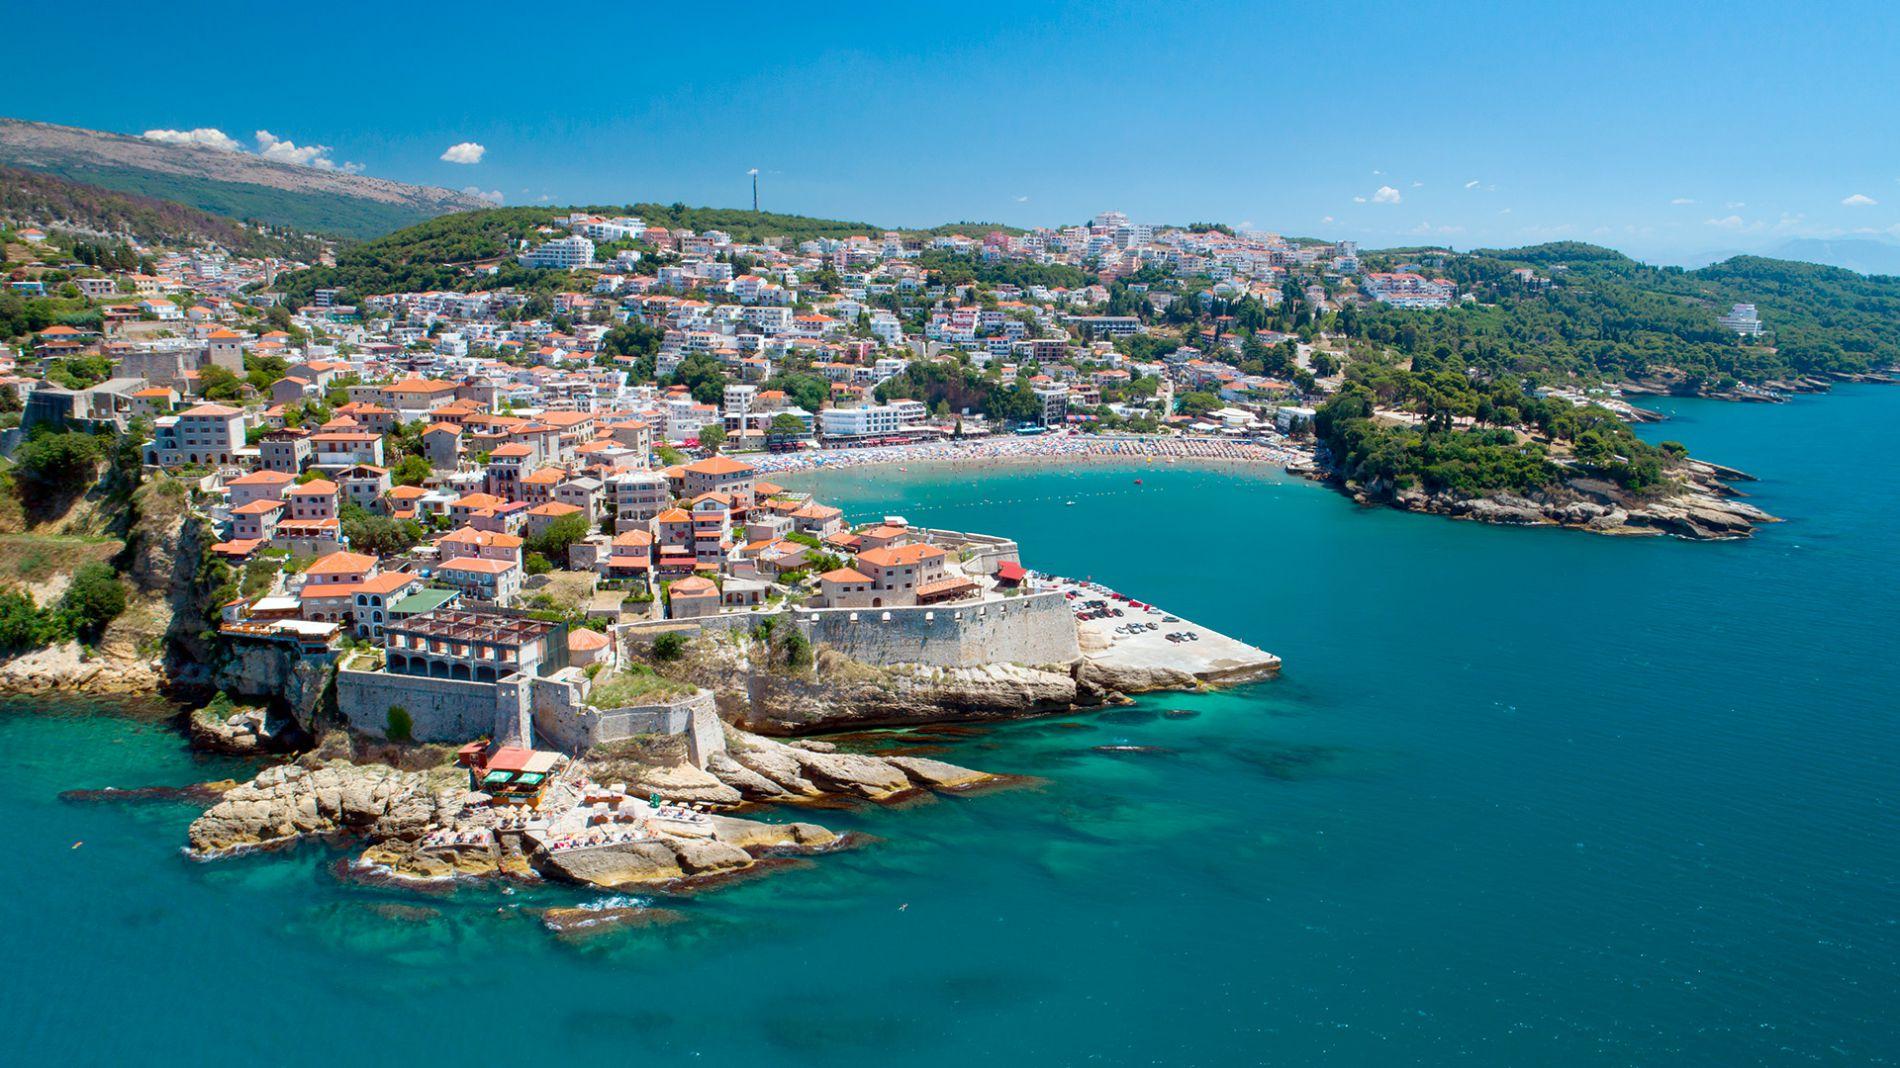 Самый южный город Черногории, Улцинь в древности был центром работорговли и пиратства